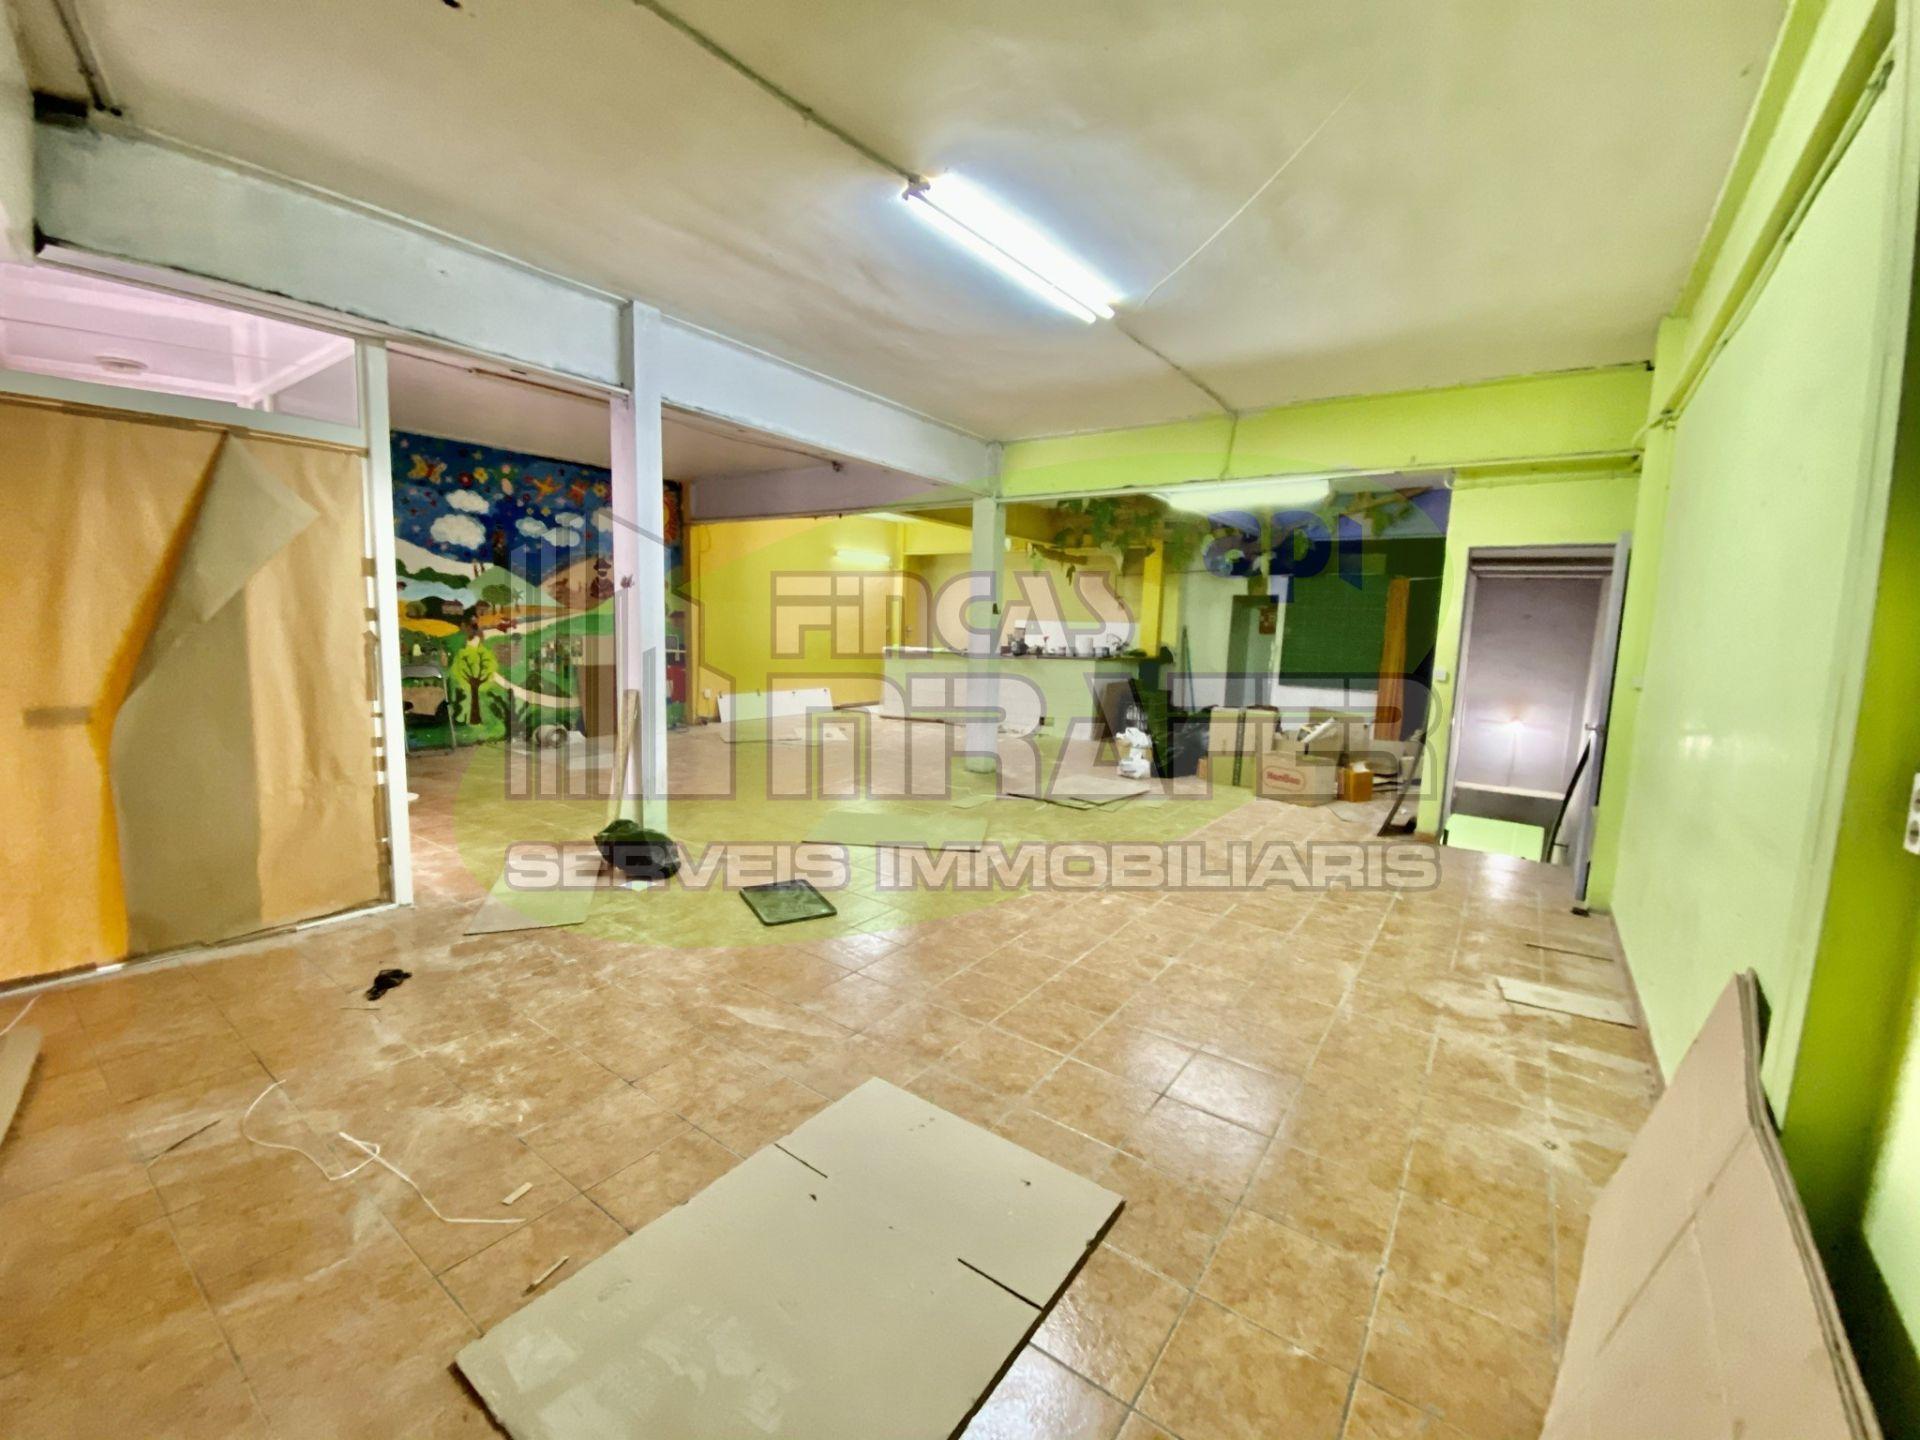 Local comercial en Santa Coloma de Gramenet, Sta Coloma / Centro, venta